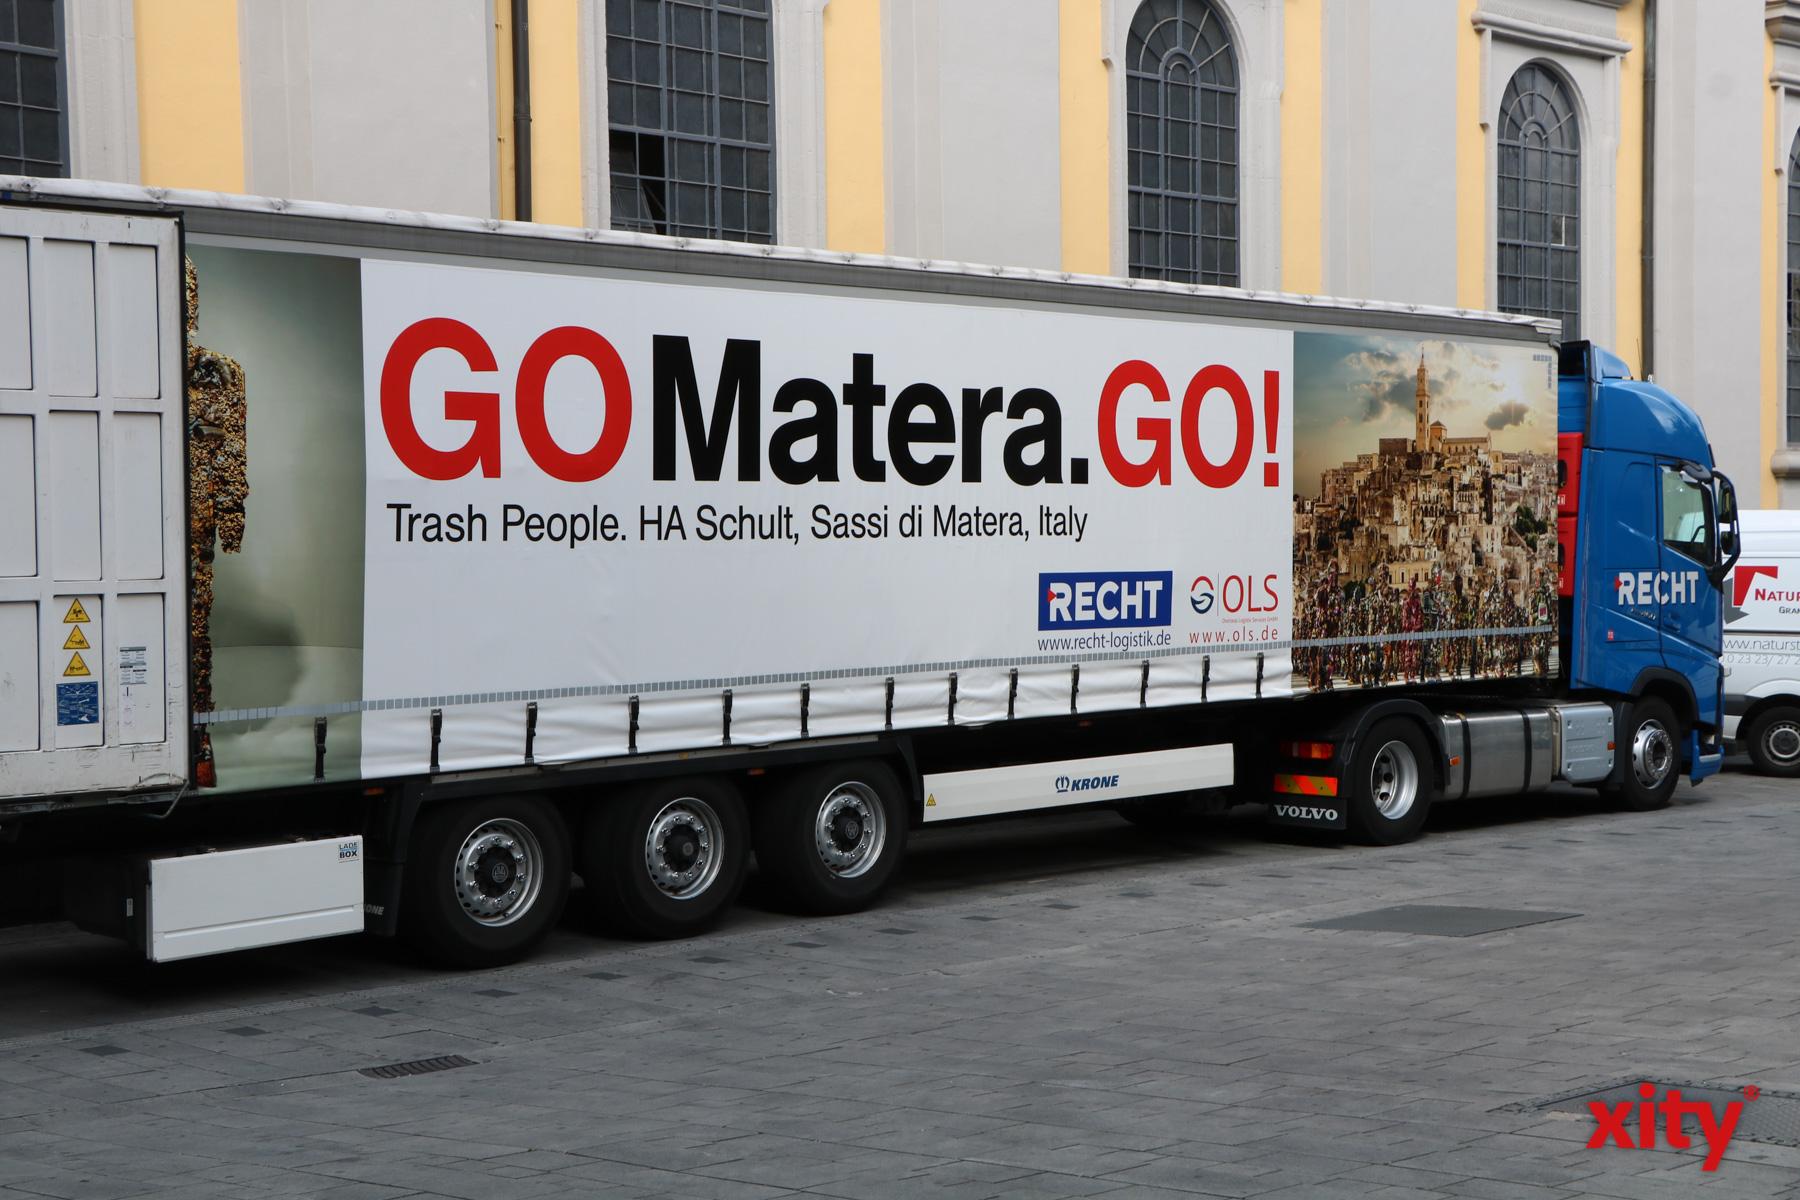 MIt diesem LKW geht es für die Trash People nach Matera (Foto: xity)